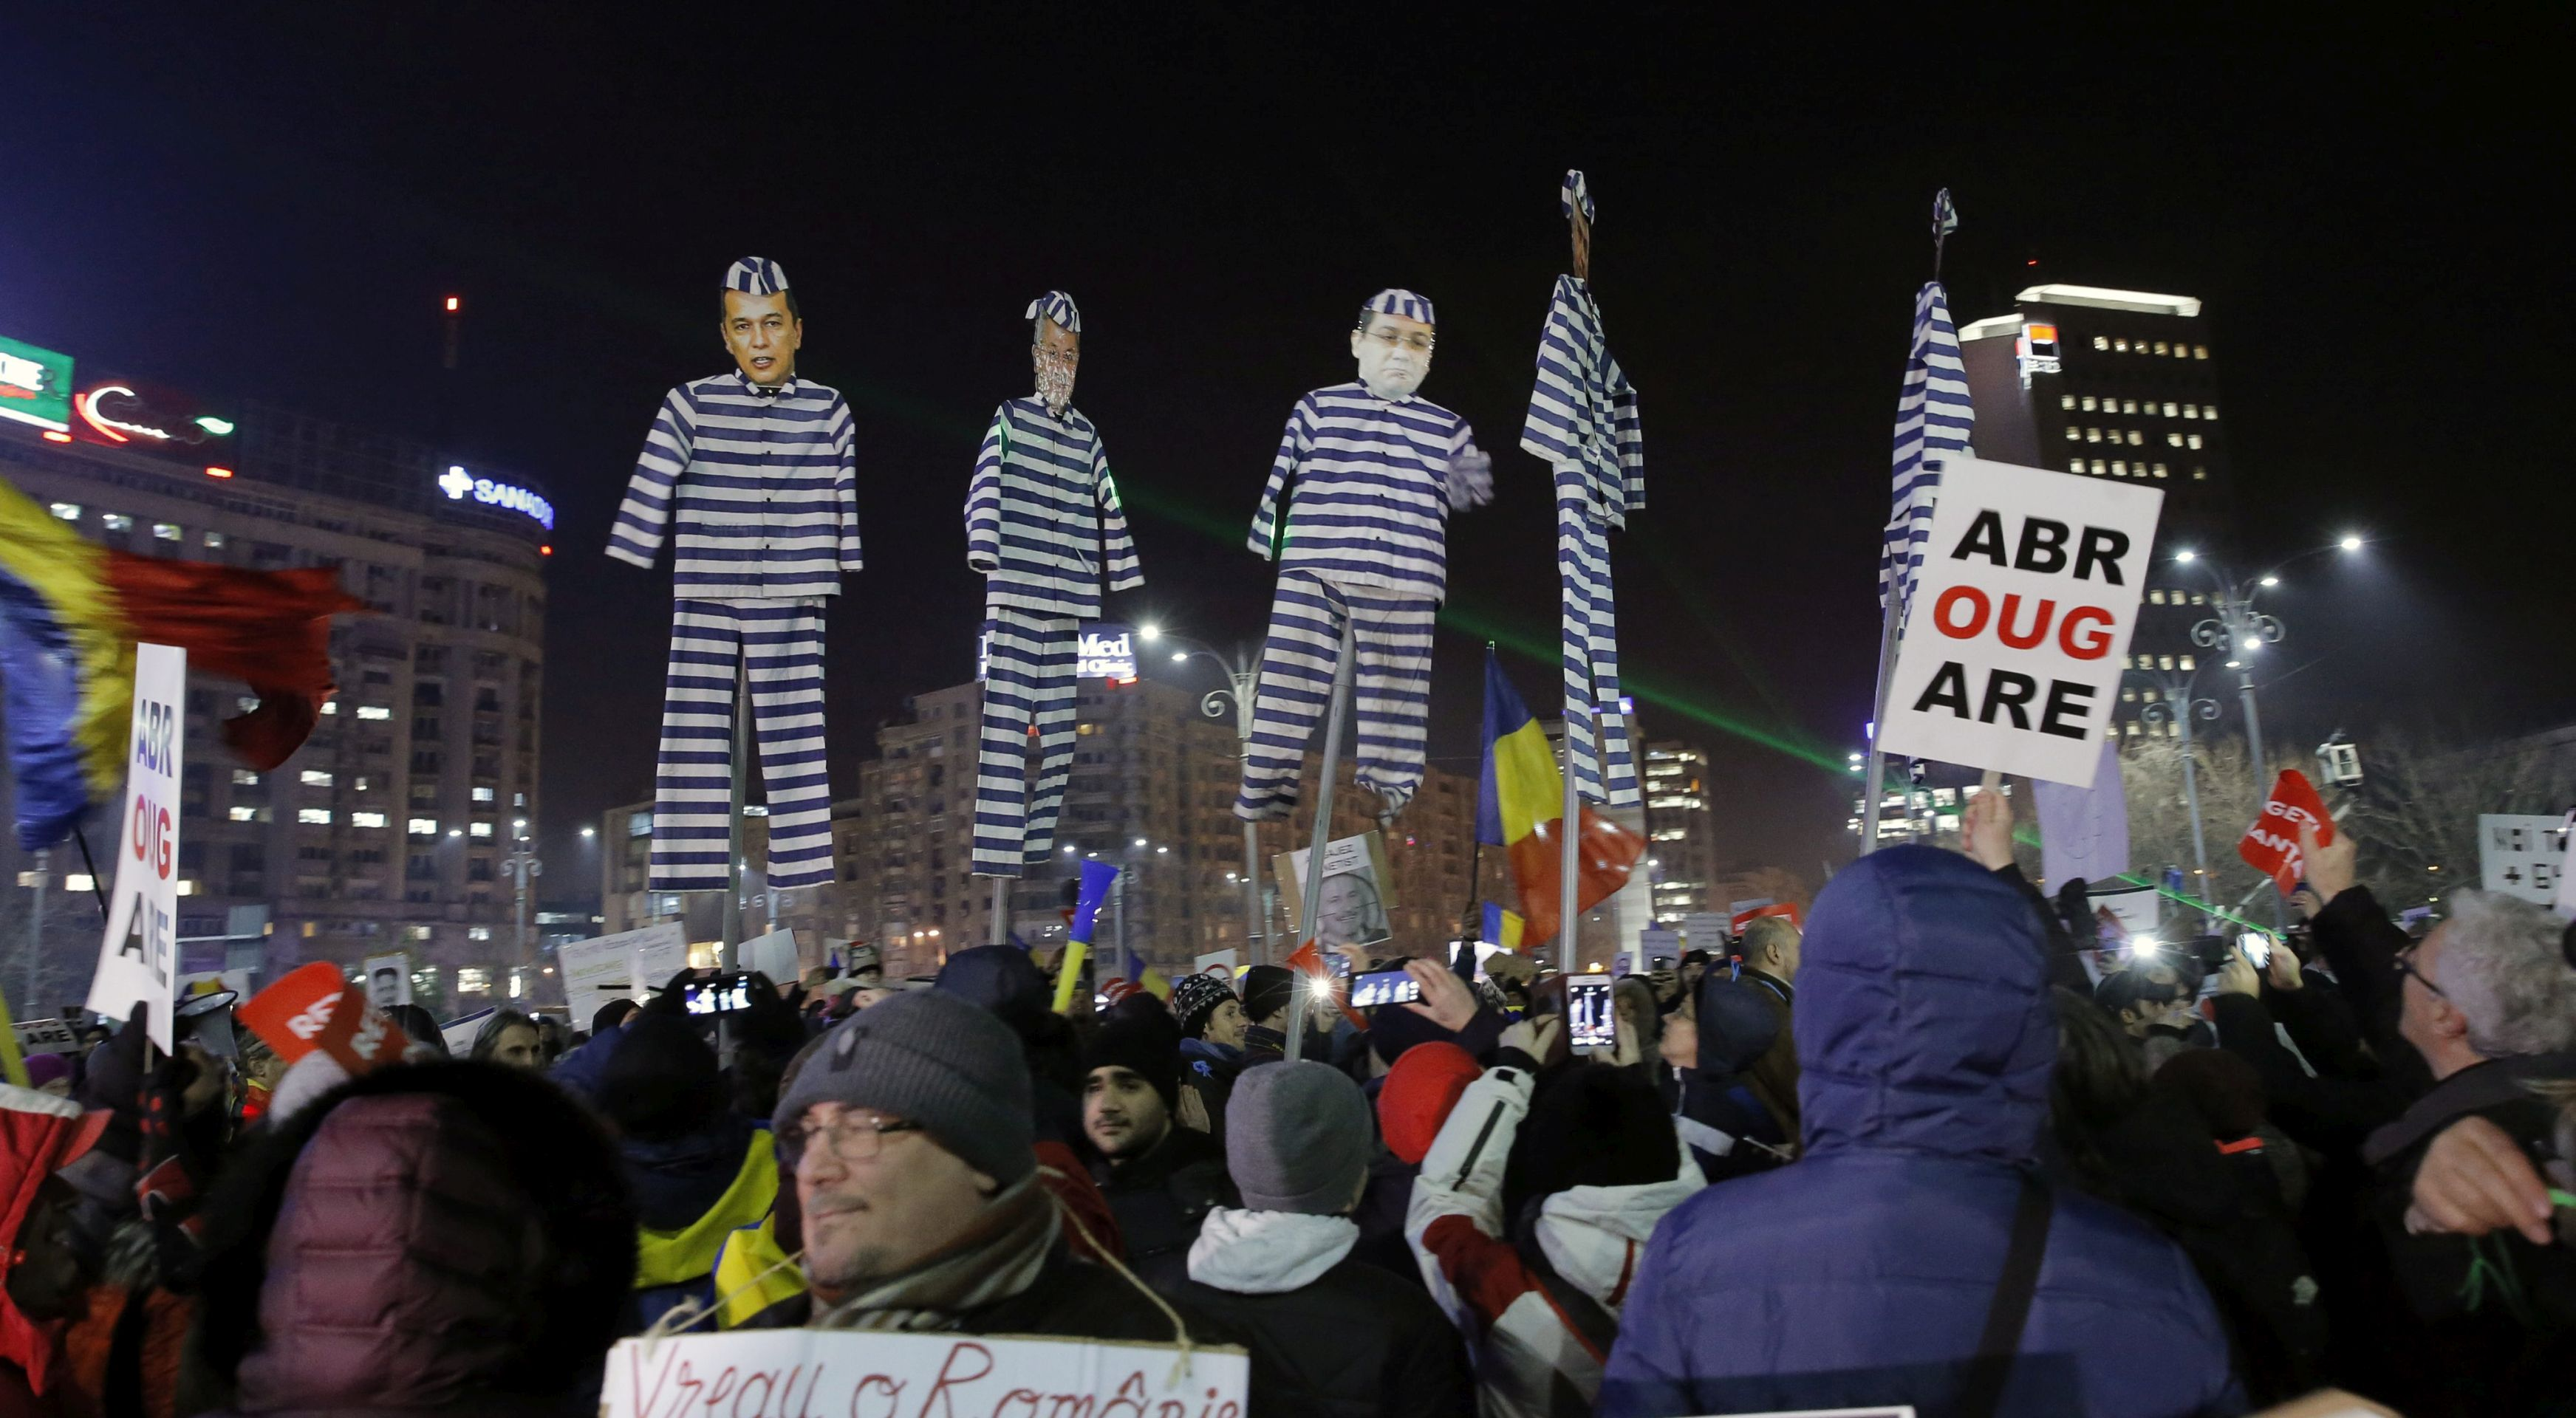 Prosvjednici protiv ublažavanja borbe protiv korupcije u Rumunjskoj ne odustaju, vlada isto